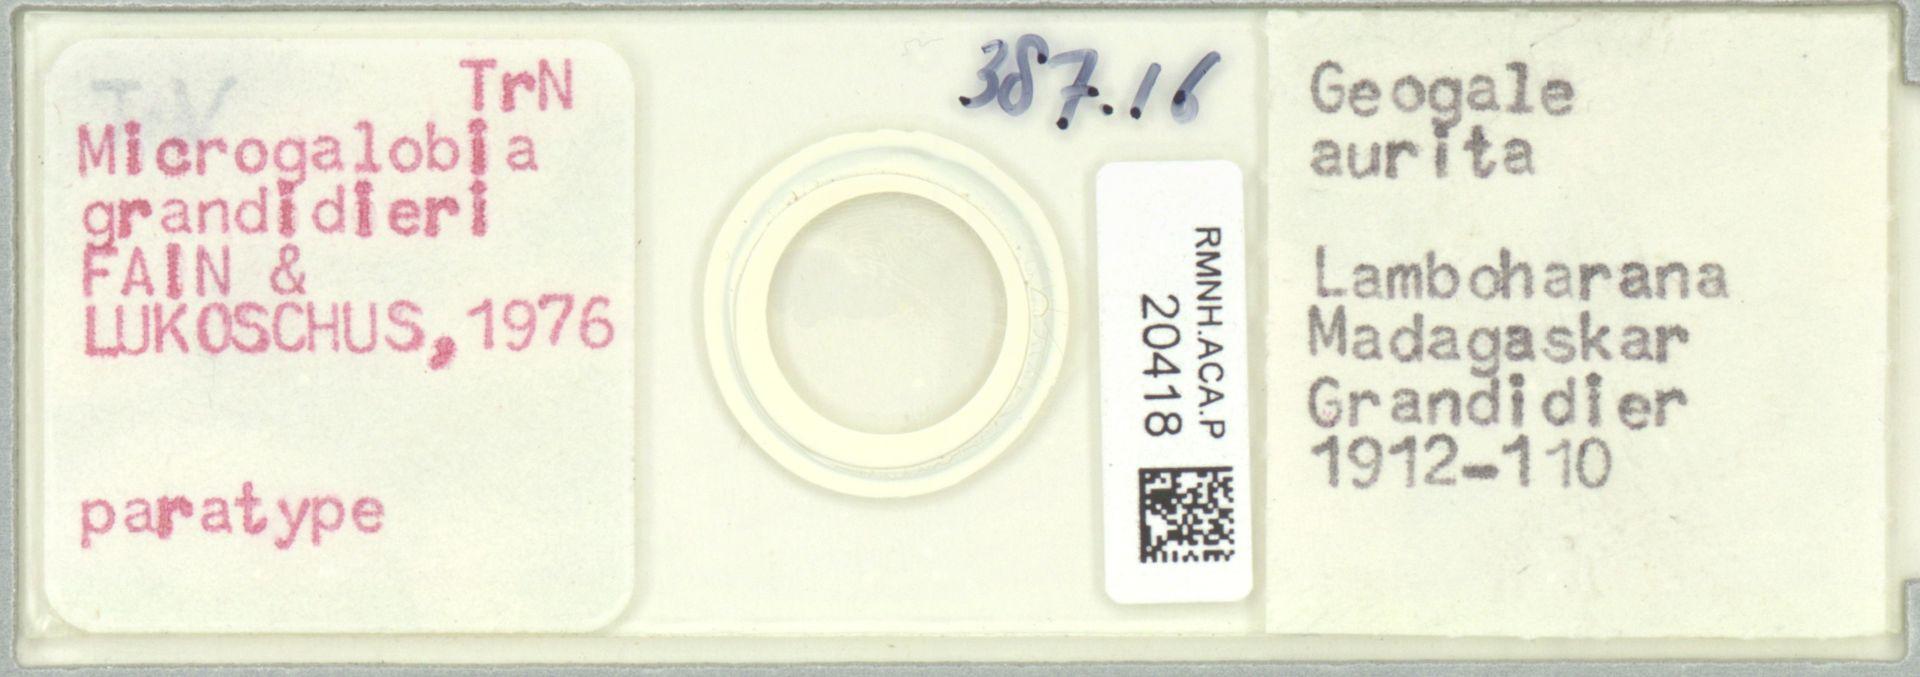 RMNH.ACA.P.20418 | Microgalobia grandidieri